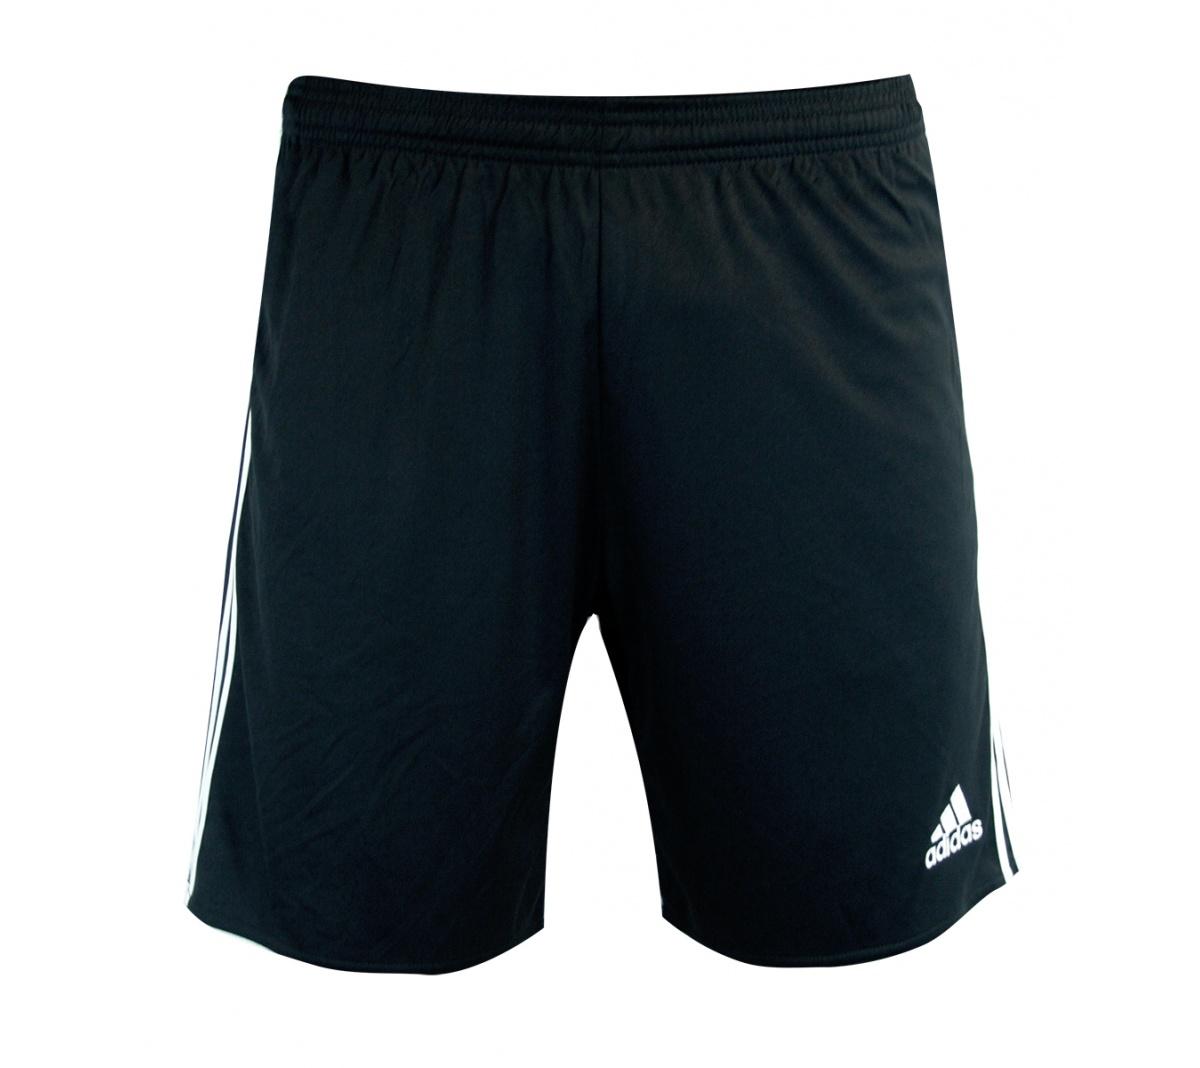 257127e387ead Calção Adidas Regista 14 Preto e Branco - Mundo do Futebol